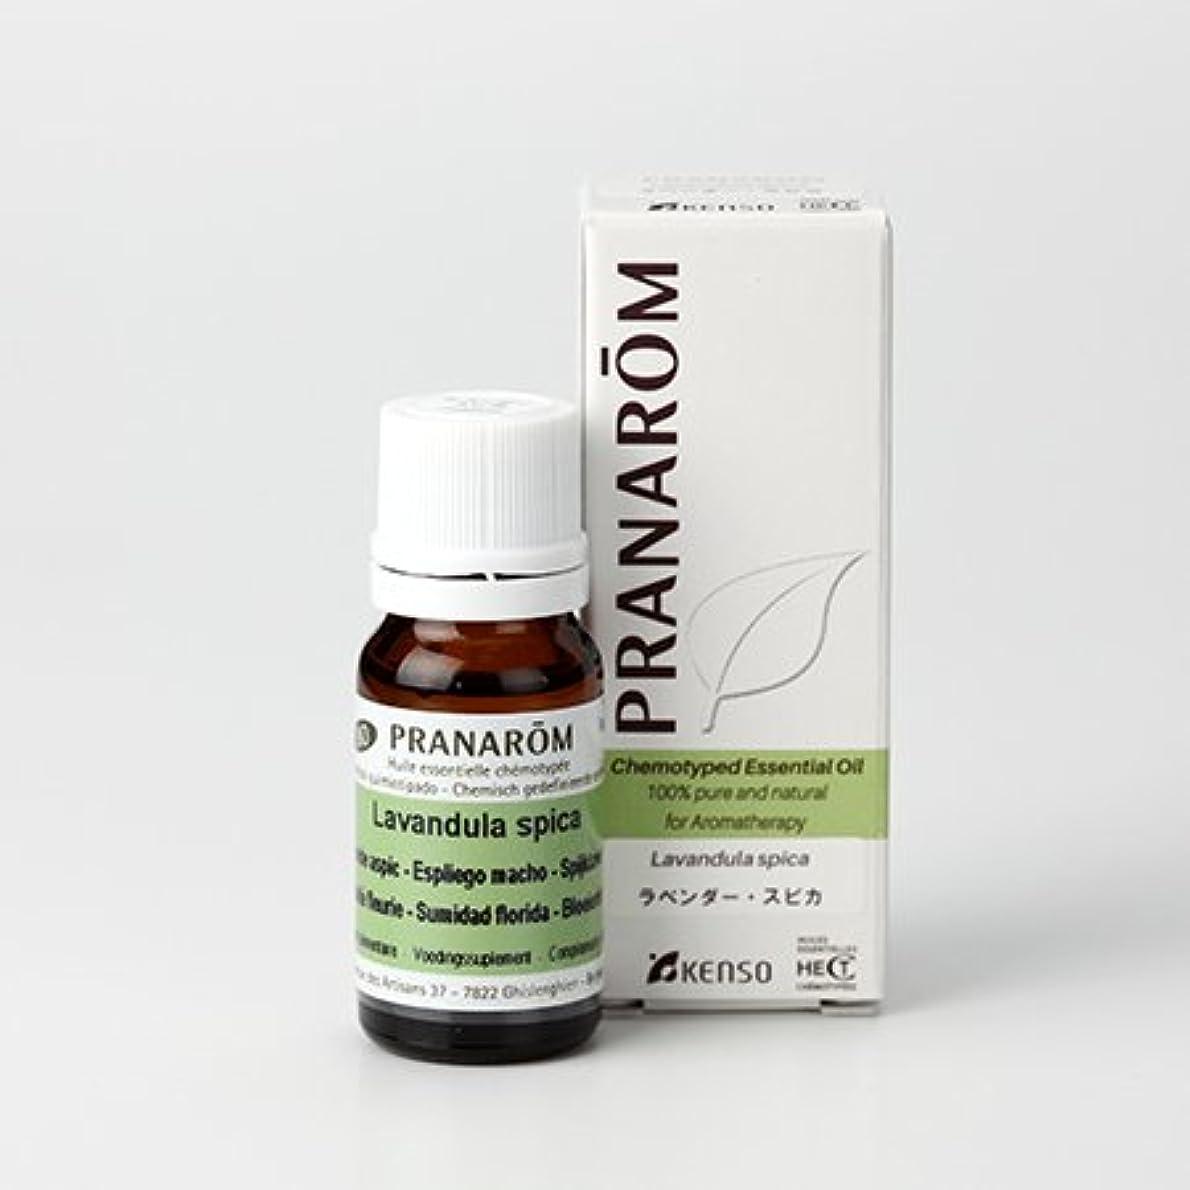 ハンディキャップモノグラフ忠実プラナロム ( PRANAROM ) 精油 ラベンダー?スピカ 10ml p-101 ラベンダースピカ